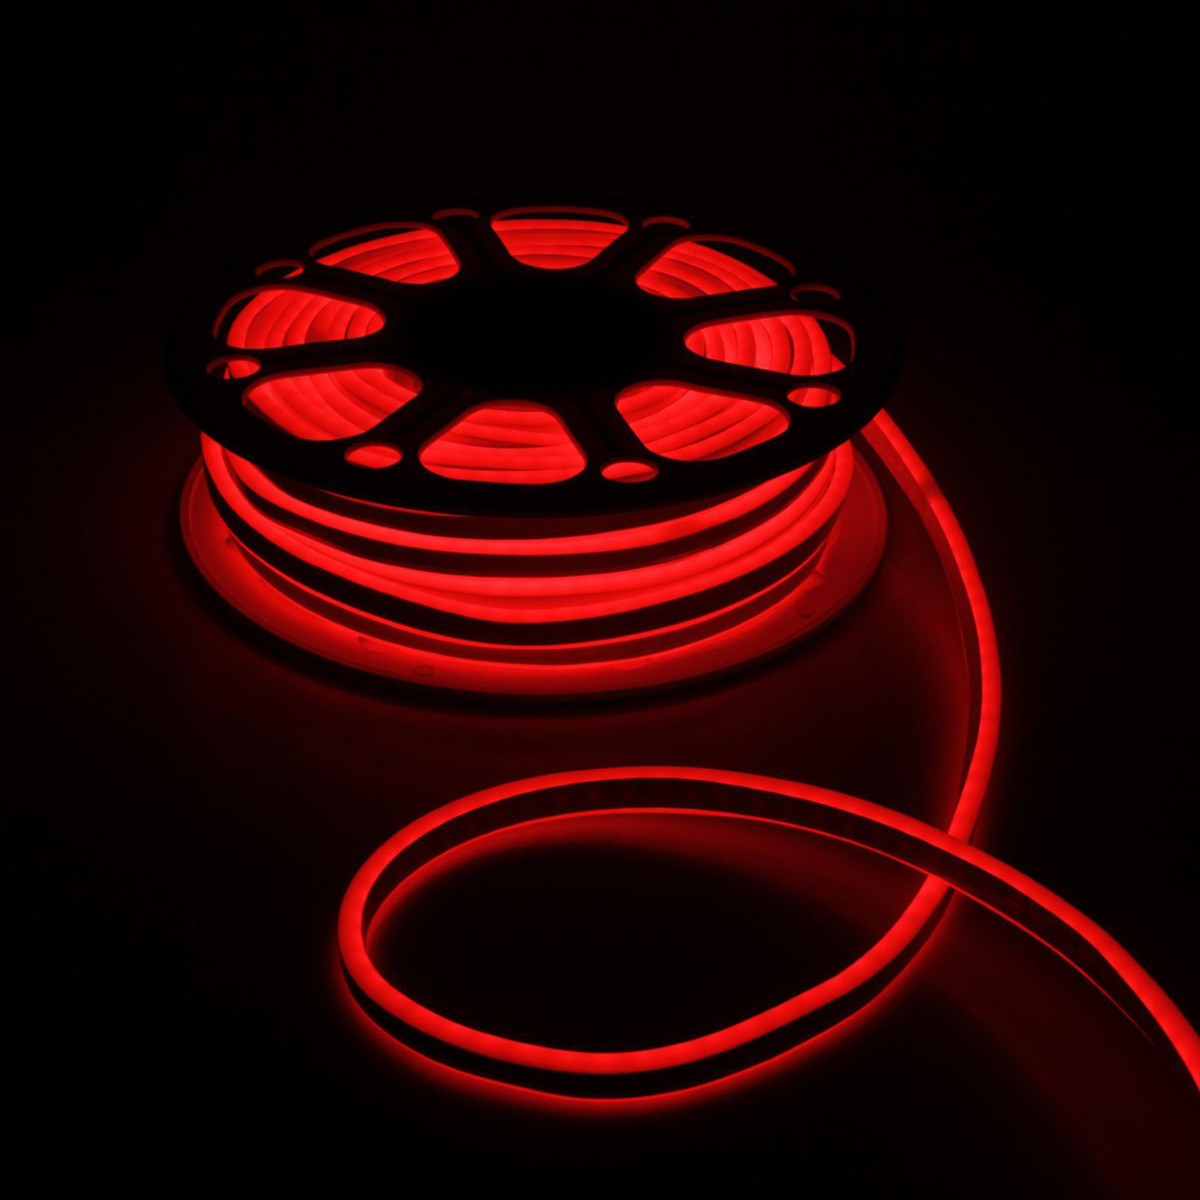 Гирлянда светодиодная Luazon, 120 ламп, 220 V, цвет: красный, 0,8 см х 1,8 см х 25 м. 1431285 гирлянда luazon дождь 2m 6m multicolor 671678